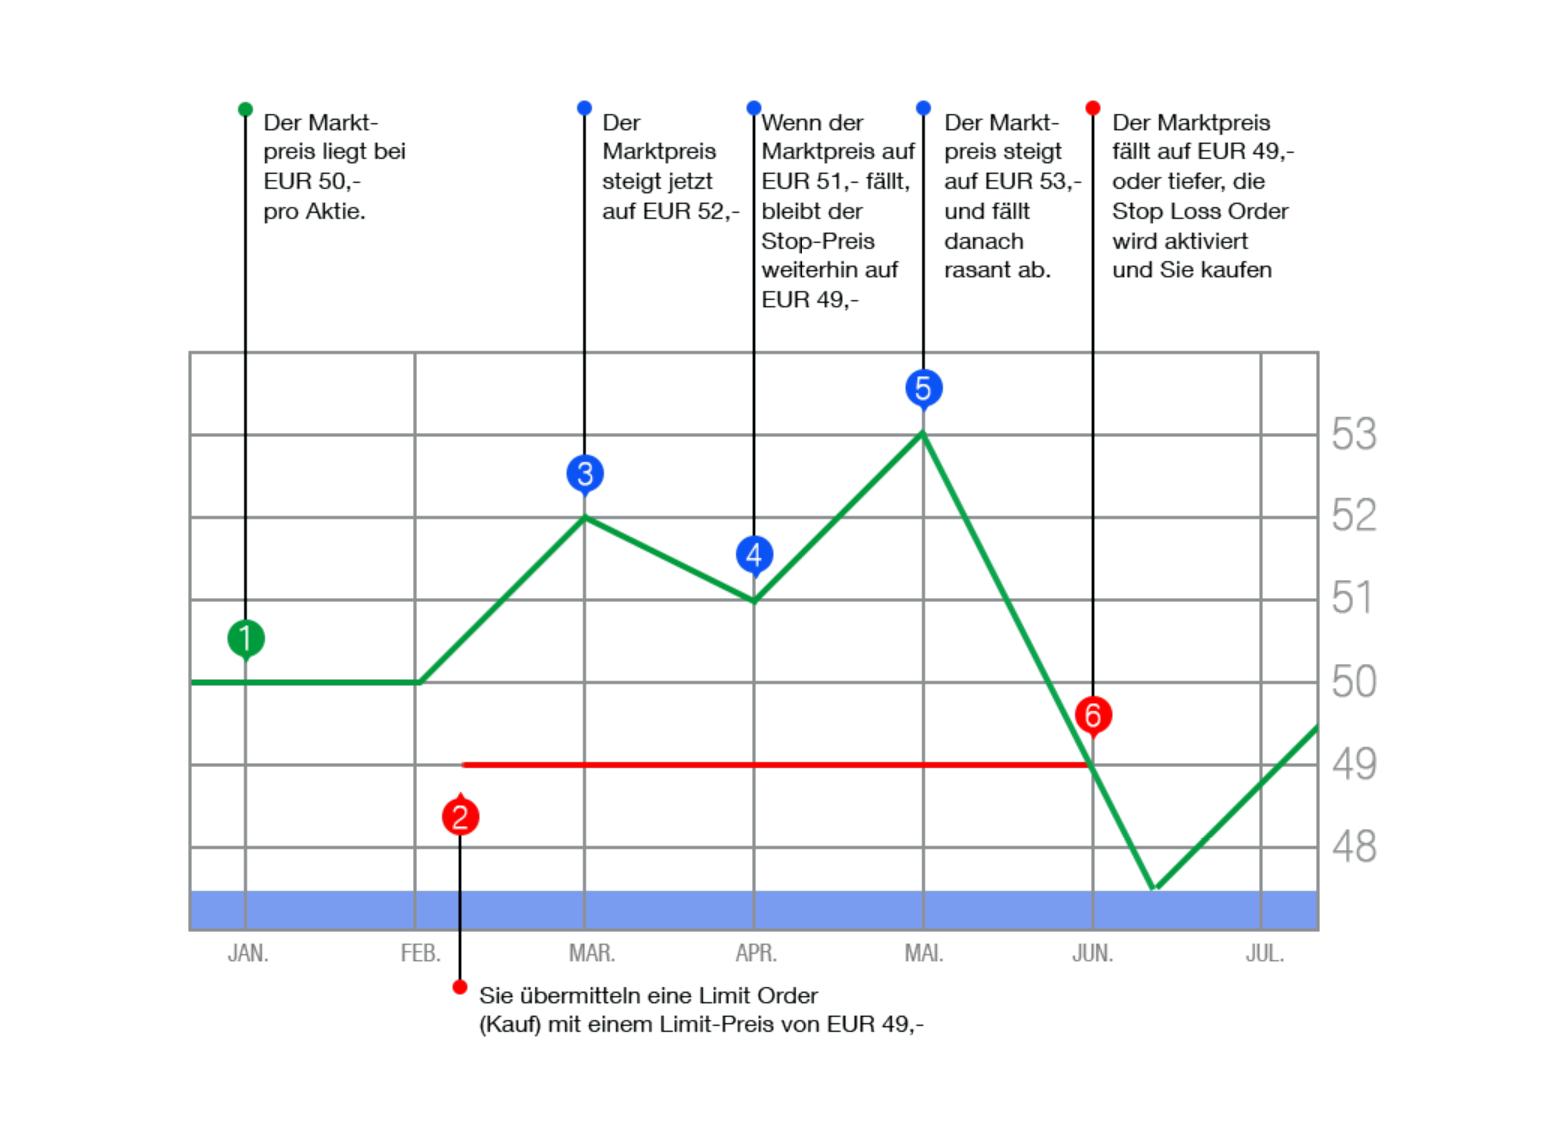 Visuelle Darstellung eines Limit Orders anhand eines Kursverlaufs.